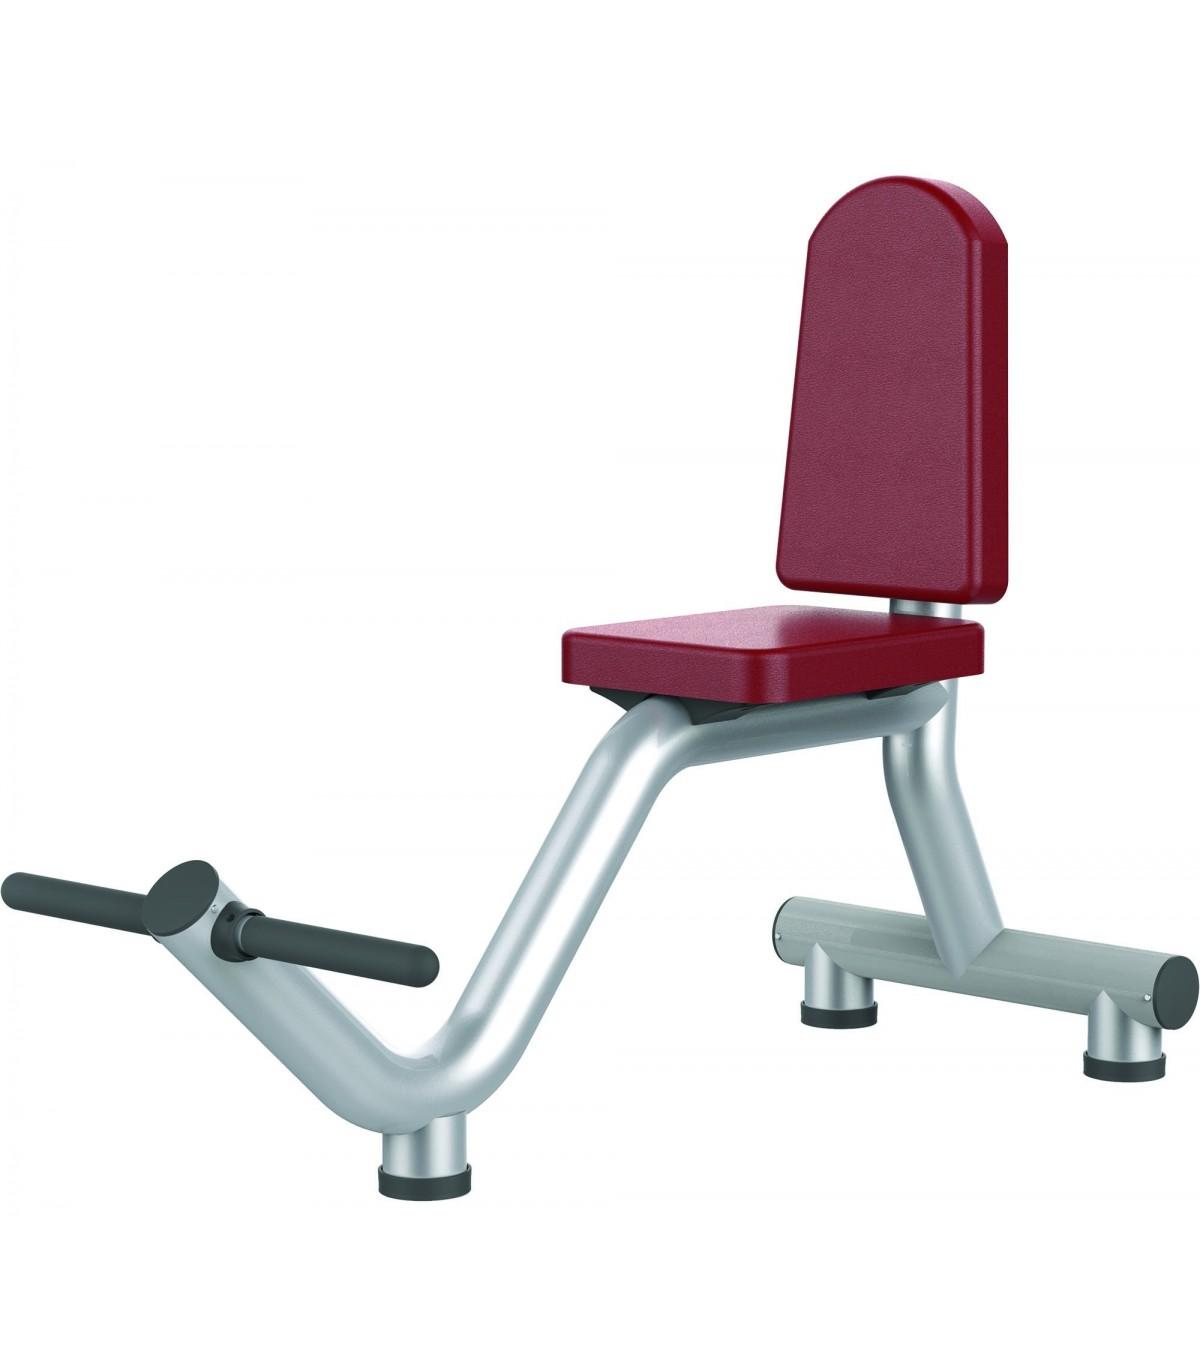 Banc de musculation professionnel militaire care fitness - Banc de musculation care ...